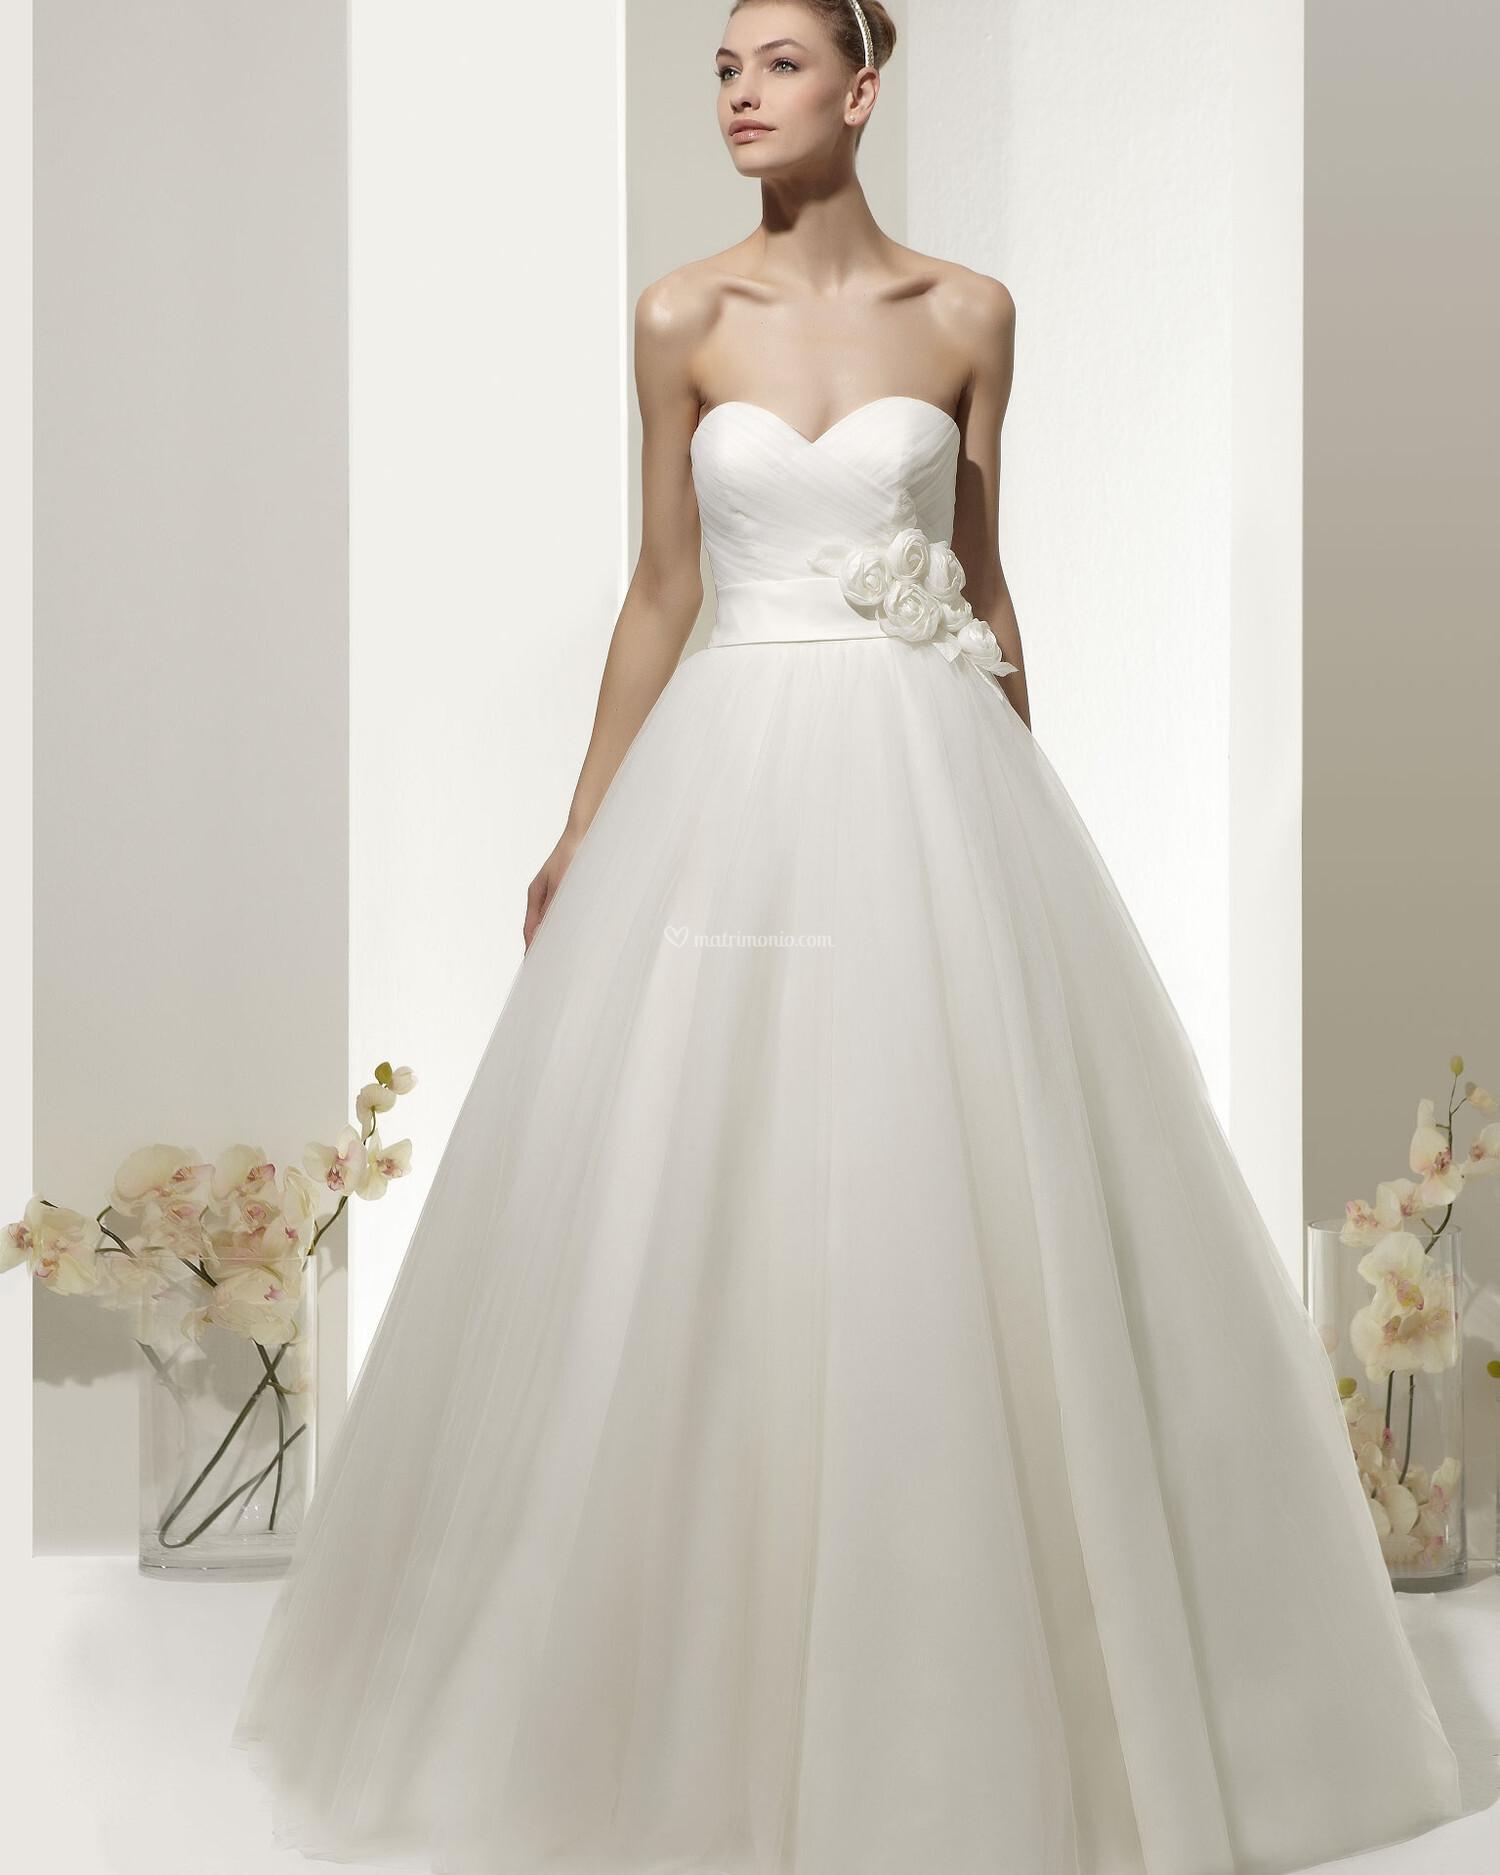 Matrimonio Zingaro : Zingaro abiti da sposa rosa clará matrimonio